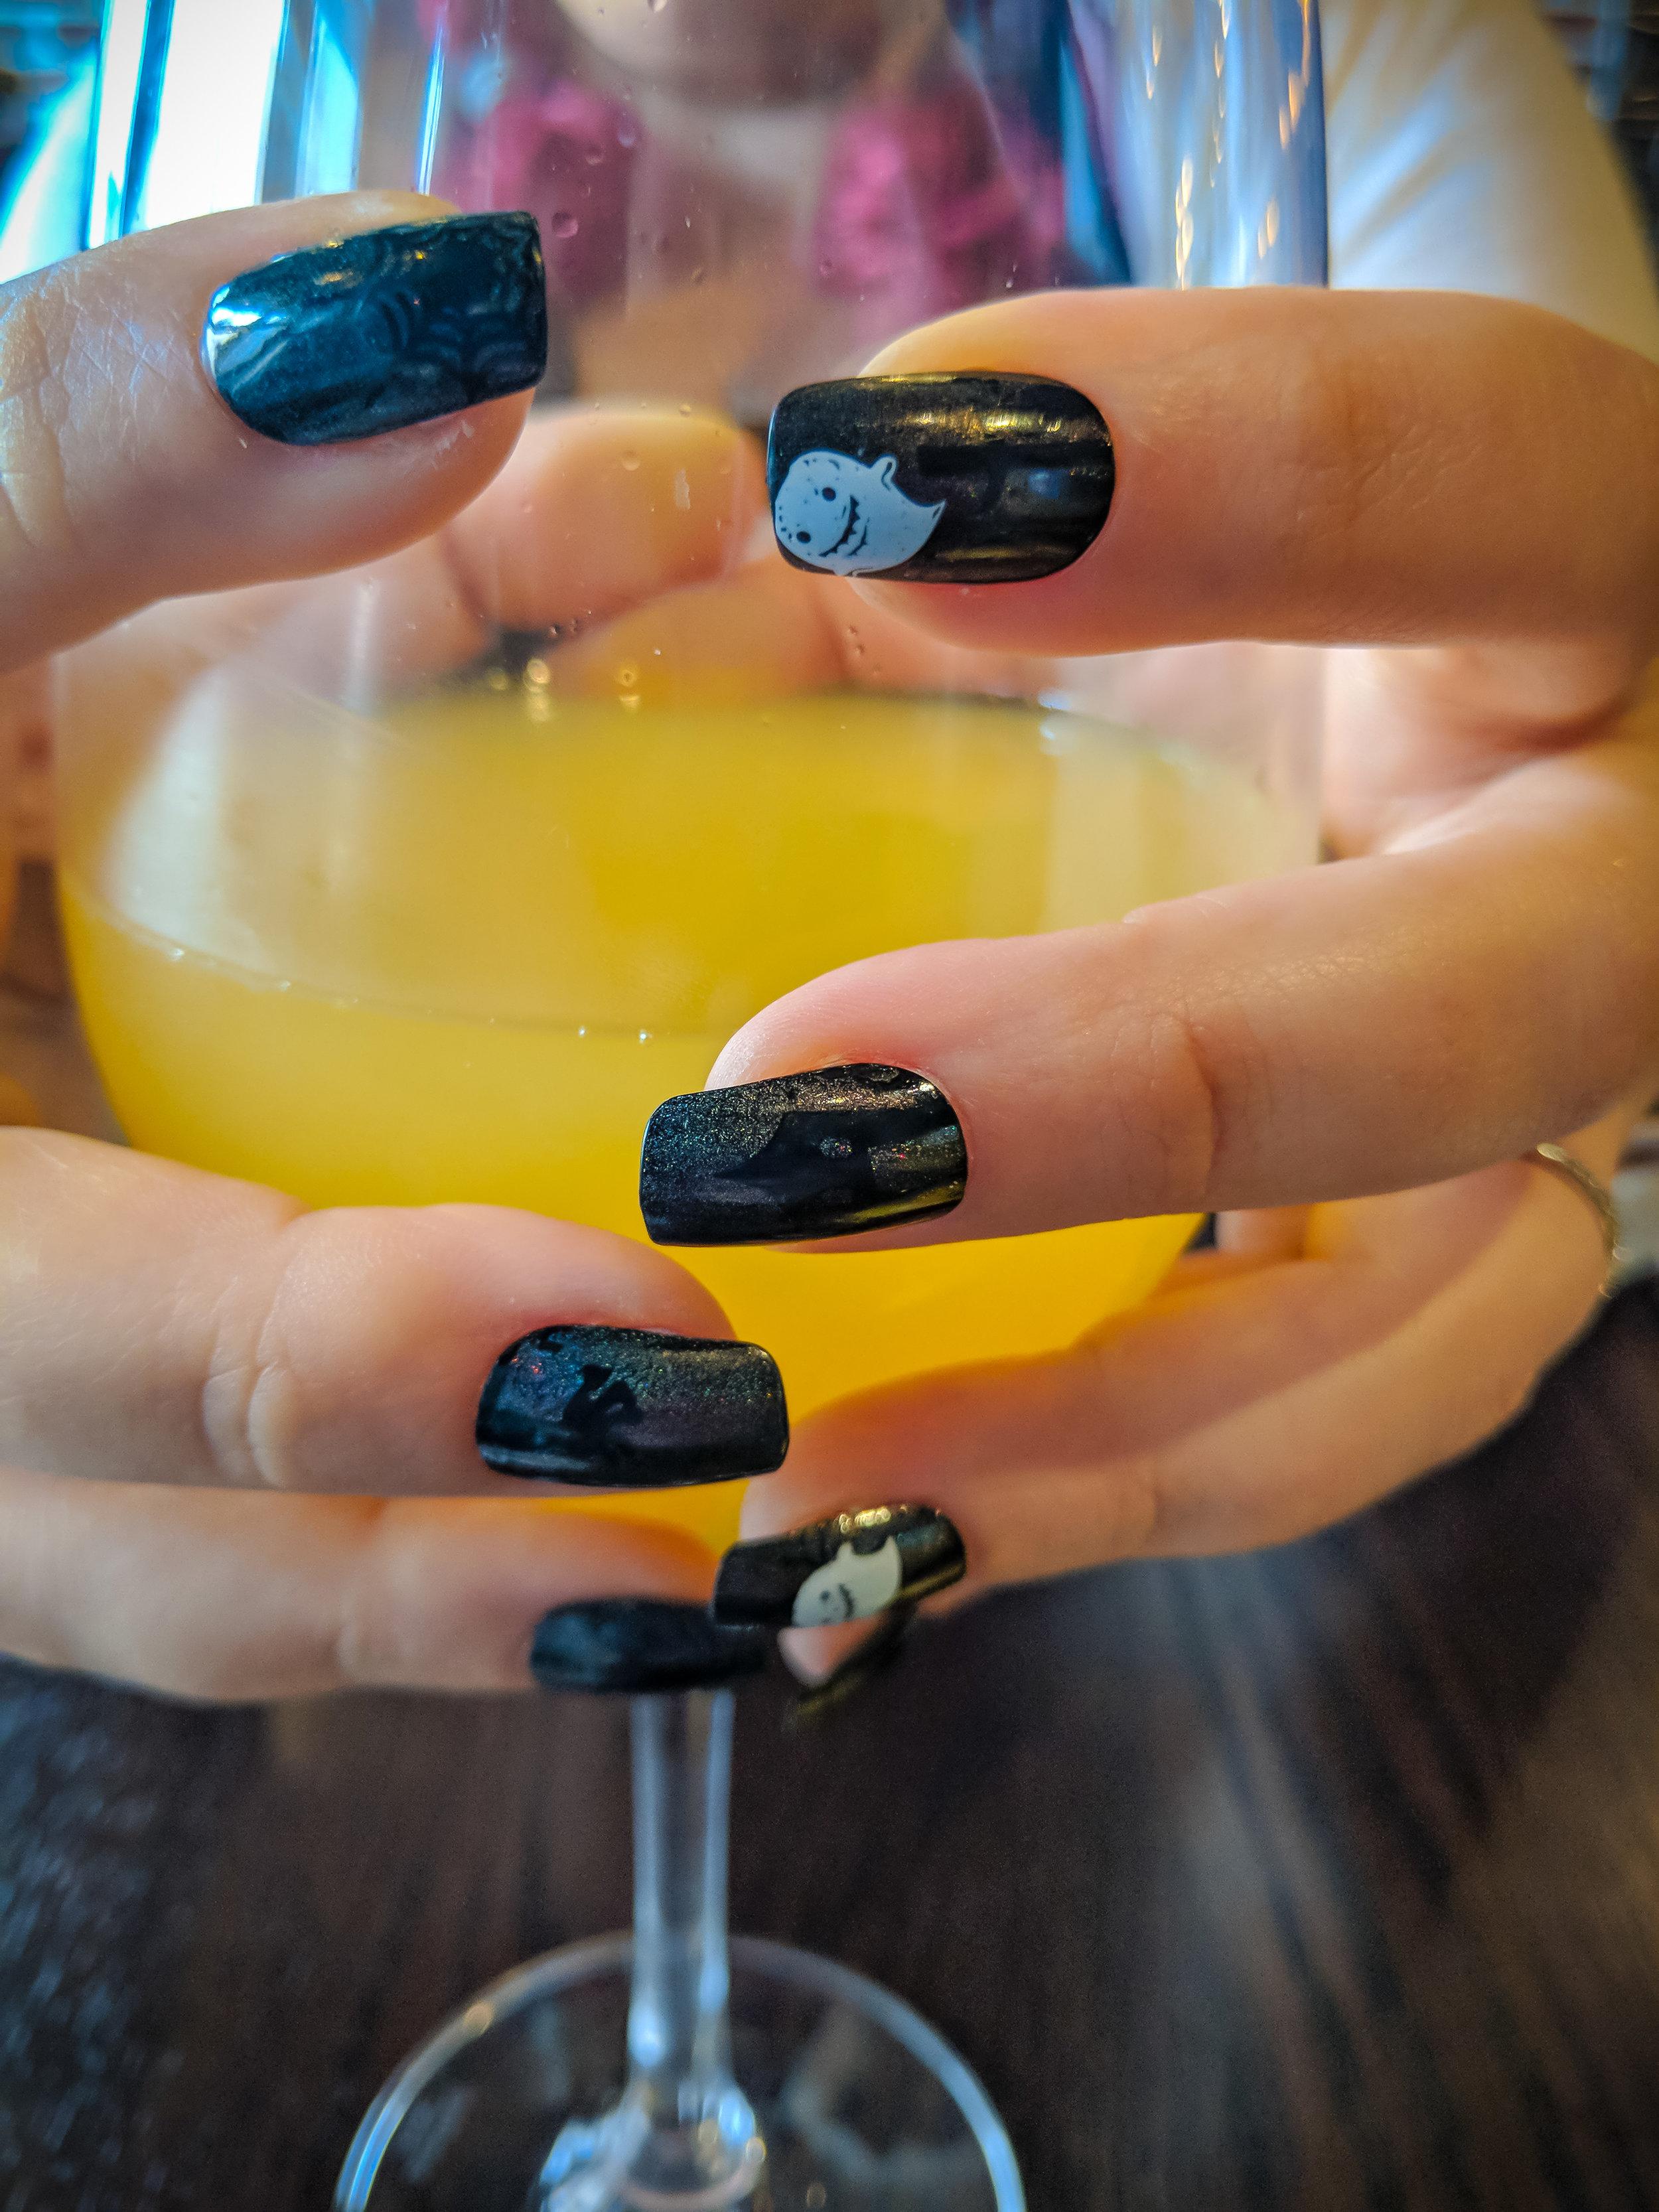 Nail art and mimosa's at Kingfish.